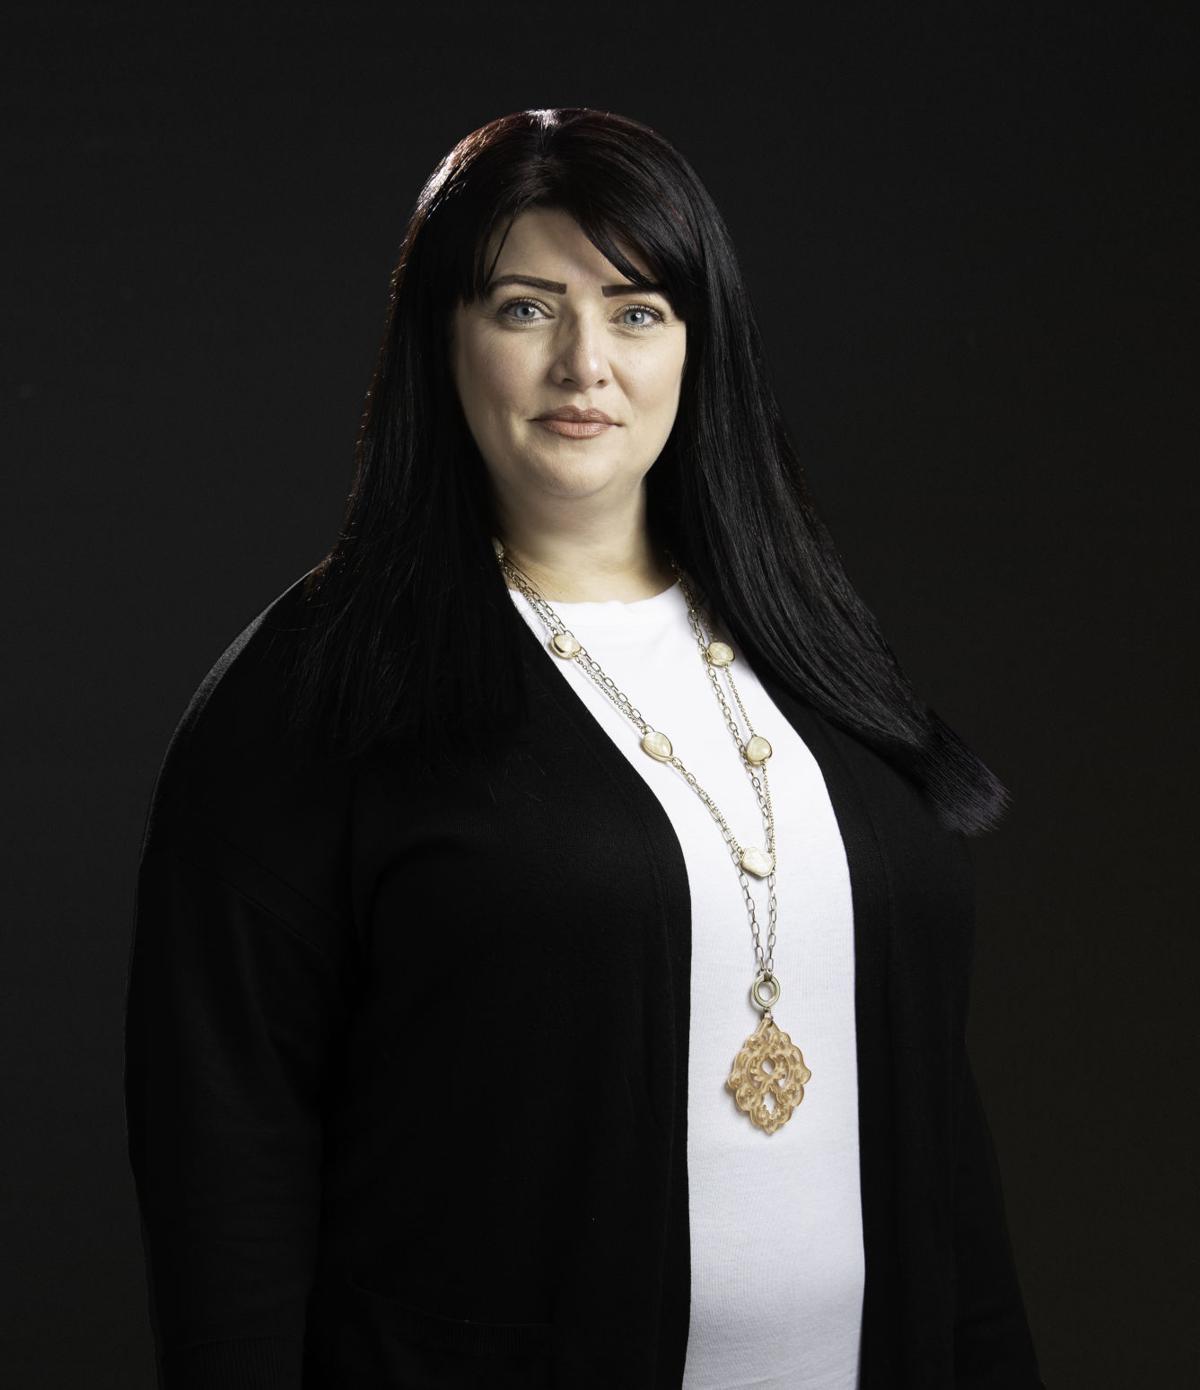 Nikki Lowery